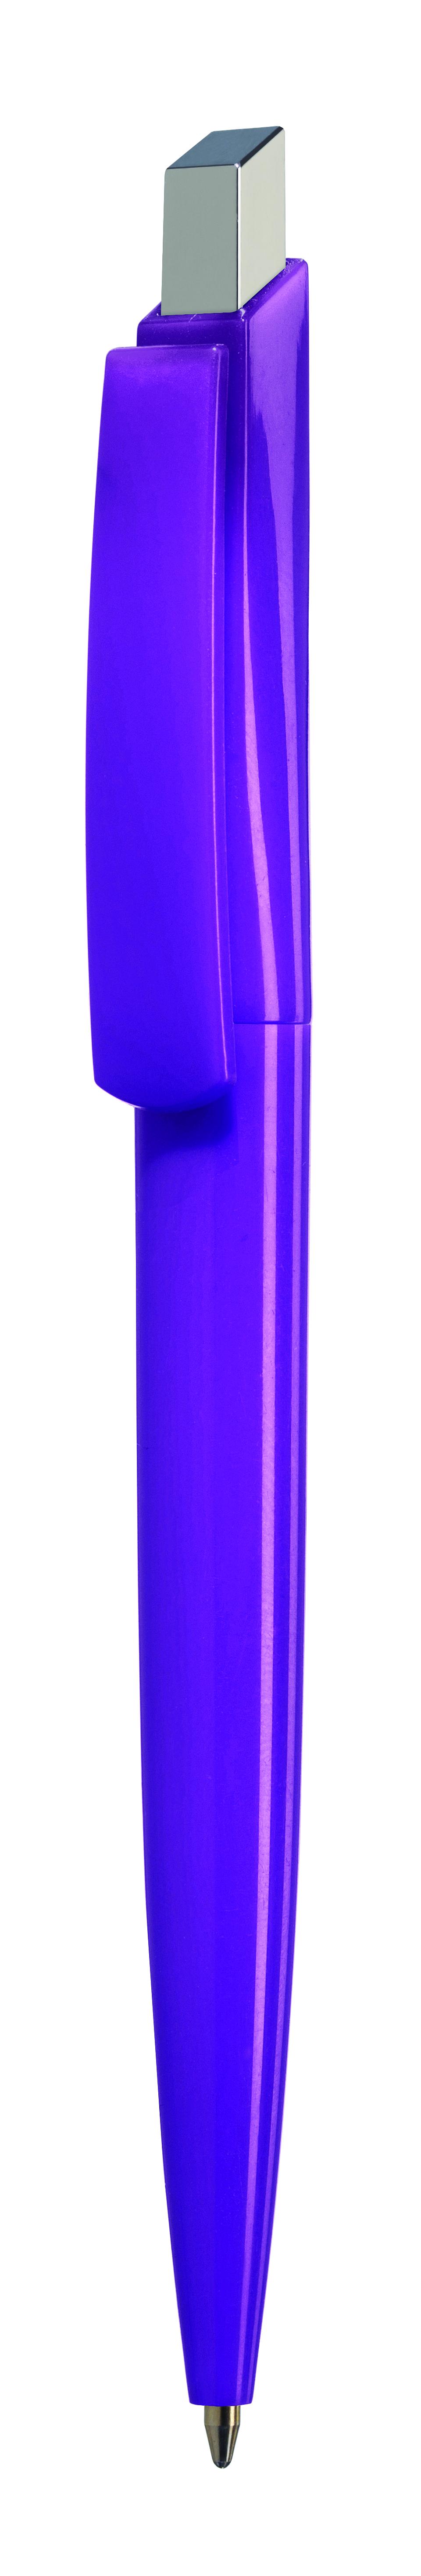 GITO_purple